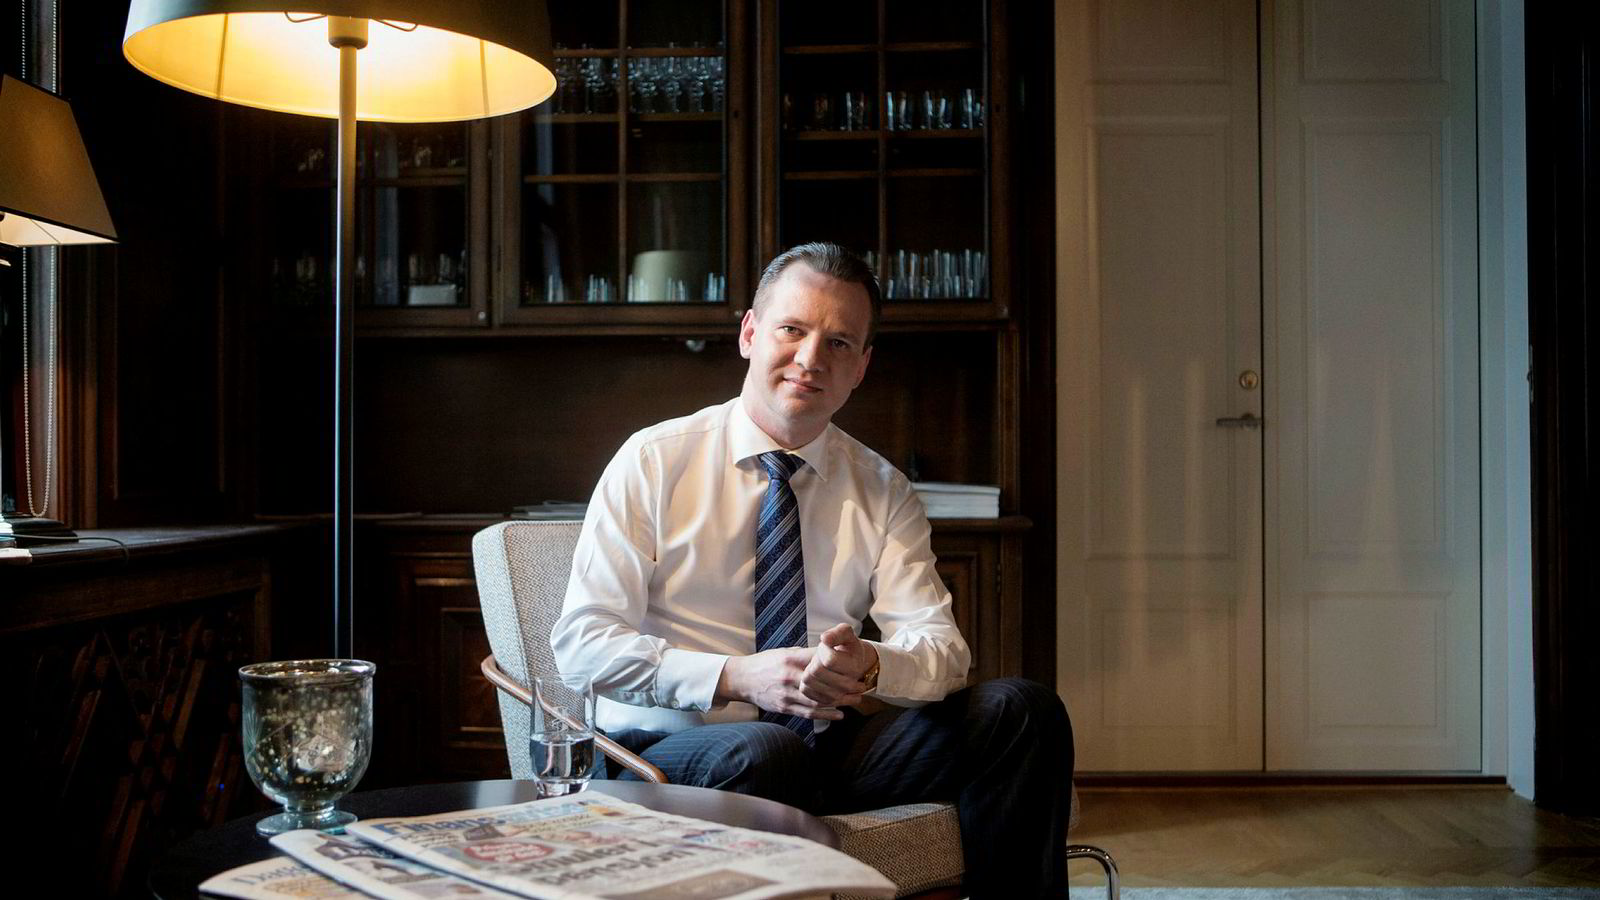 Administrerende direktør Stig Myrseth i Kryptovault er i ferd med å ekspandere selskapets virksomhet til Glomfjord og Sauda. Tidligere var Myrseth aksjeplukker og både grunnla og drev forvaltningsfondet Dovre Forvaltning – med svært god gevinst for kundene.